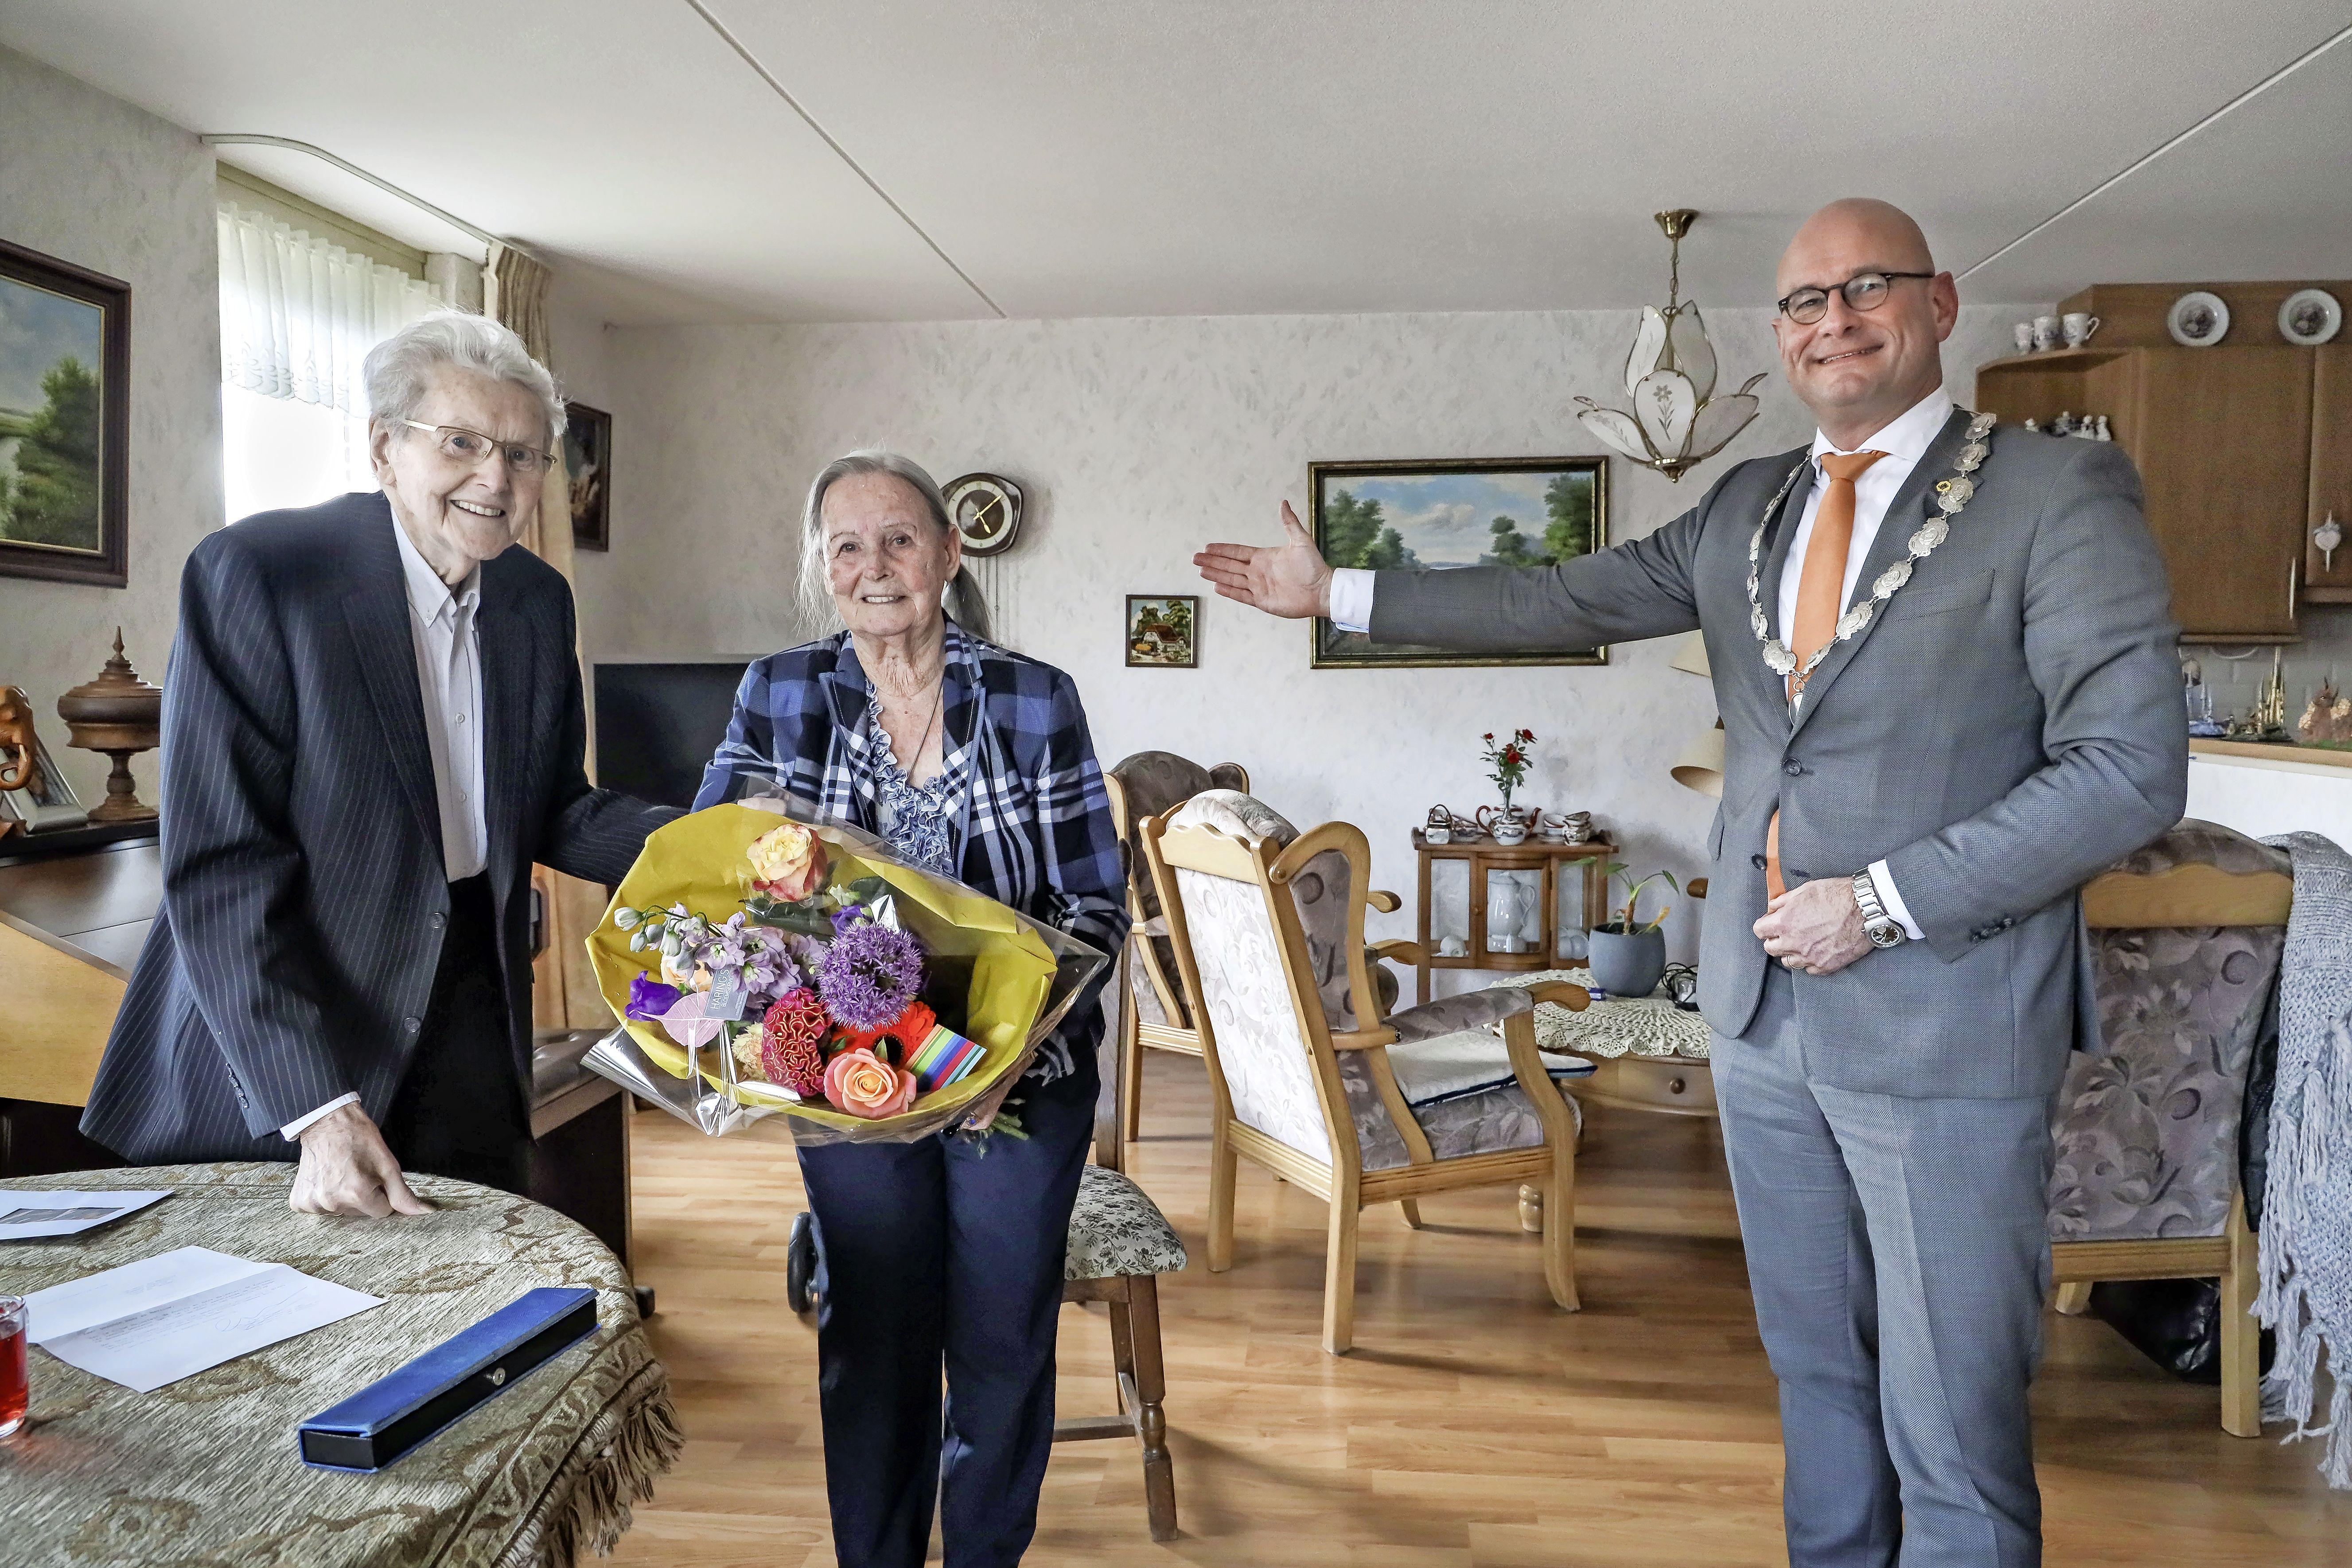 Annie en Teun hebben in 73 jaar zo'n beetje alles in het leven samen gedaan: werken, reizen, wandelen, fietsen en schaatsen. En nu? 'Mooi uitsudderen'